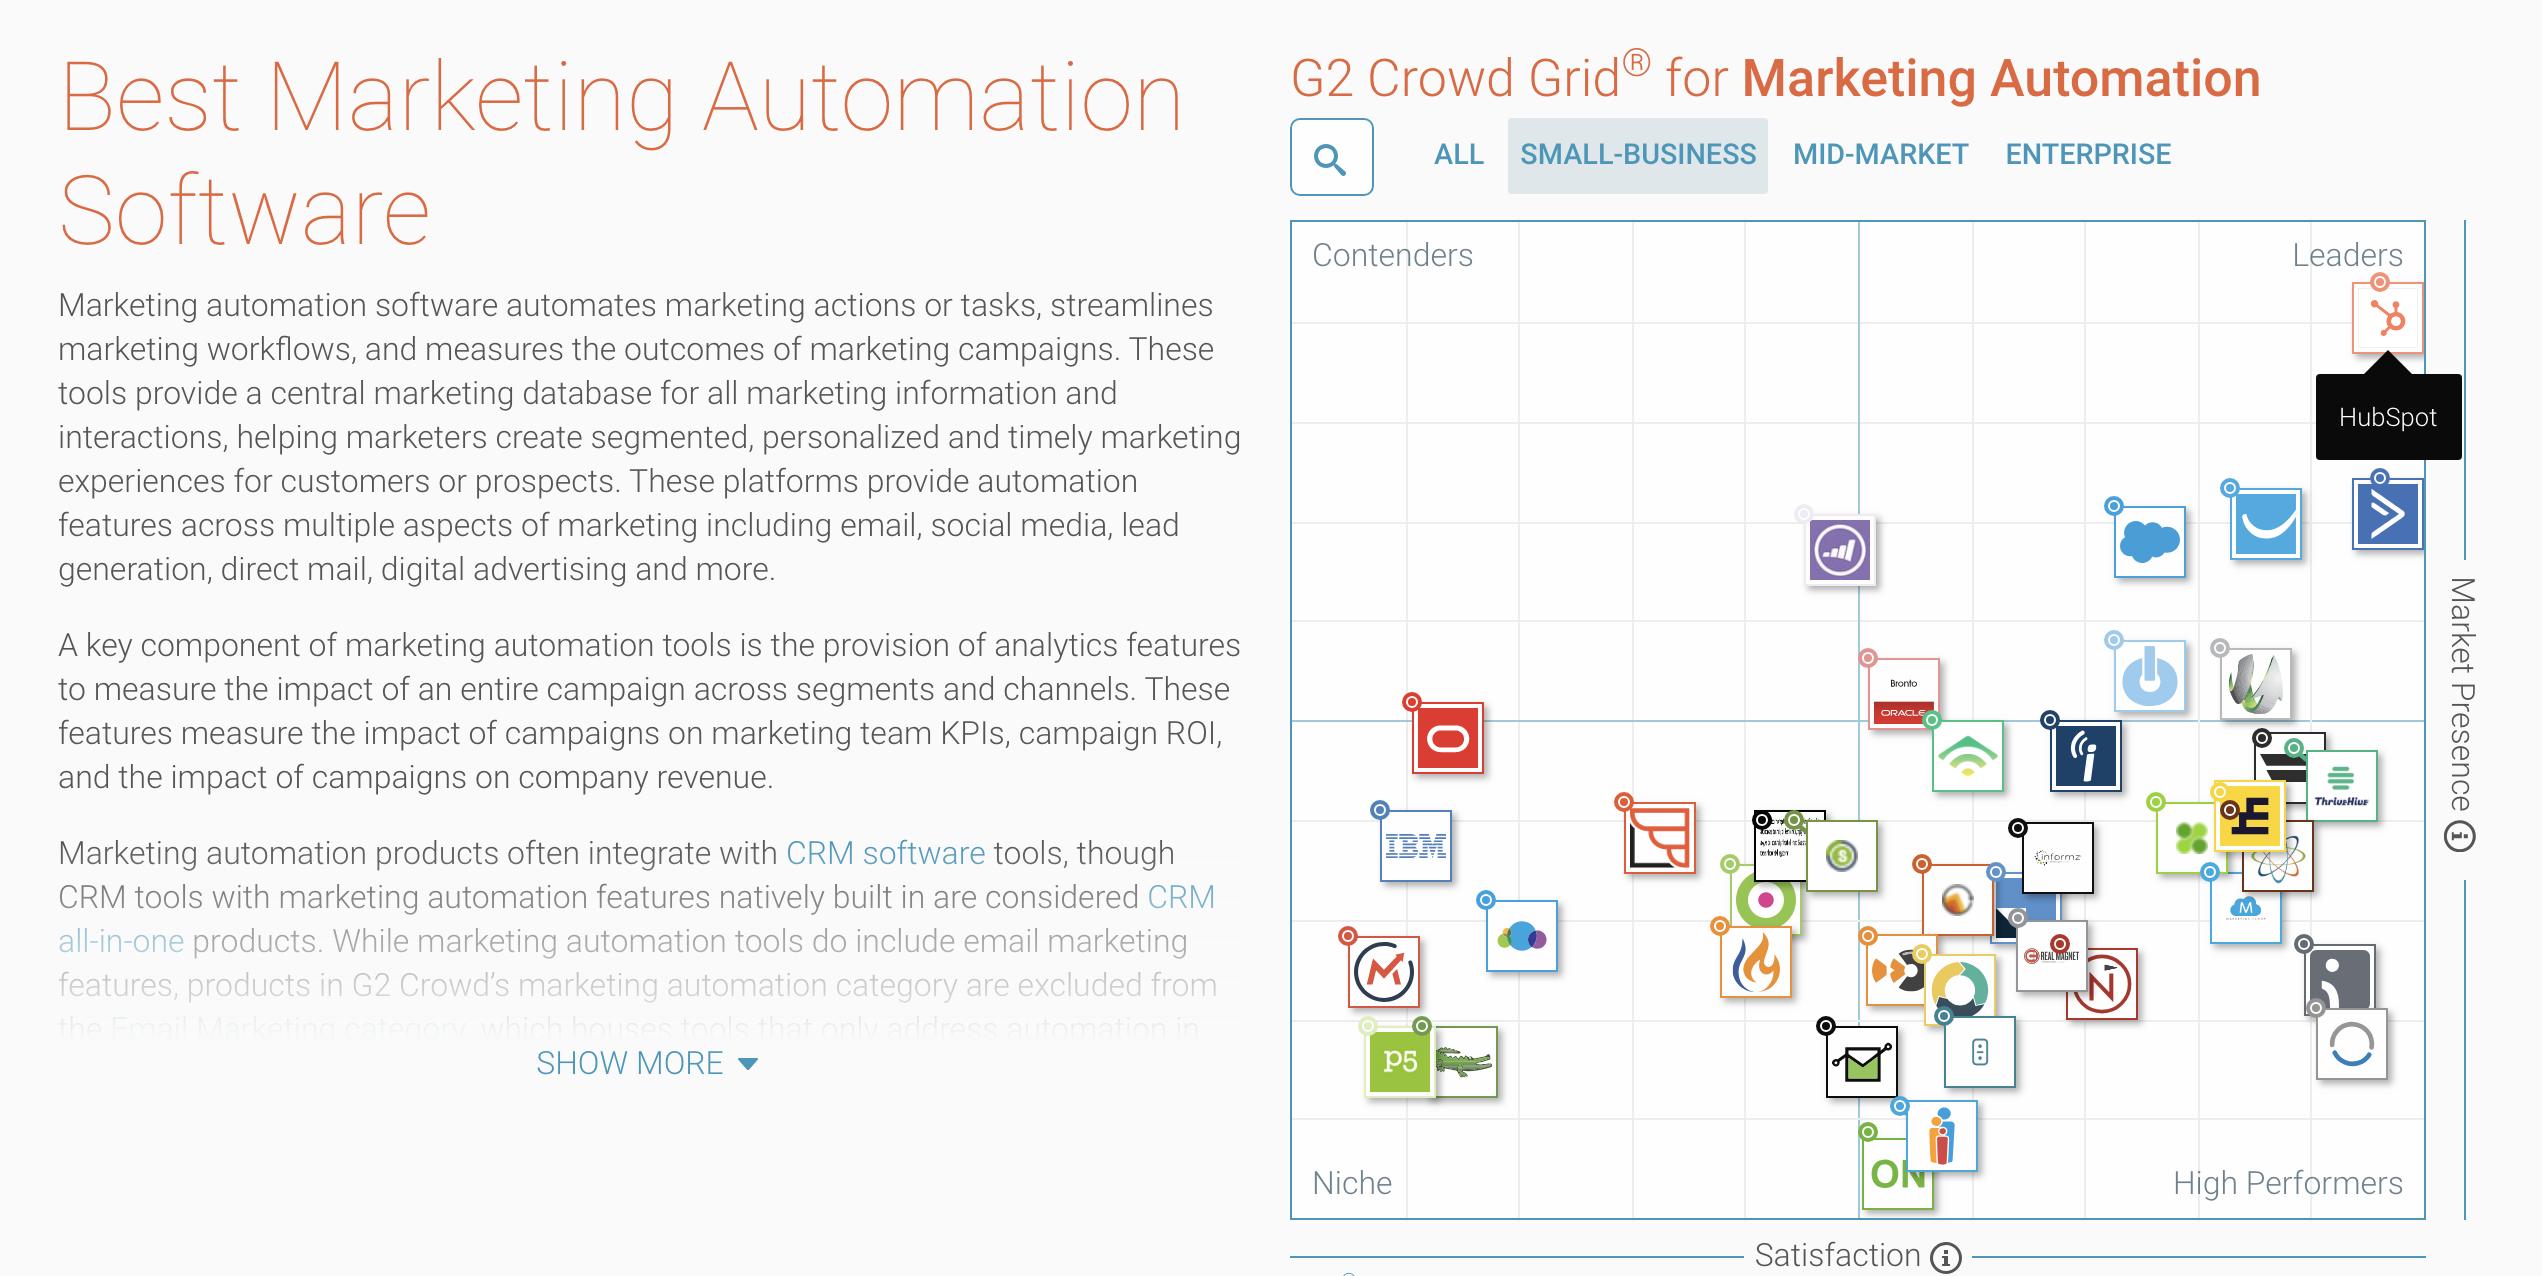 beste marketing automation voor small business gekozen door het publiek is hubspot, gevolgd door activecampaign, getresponse en pardot